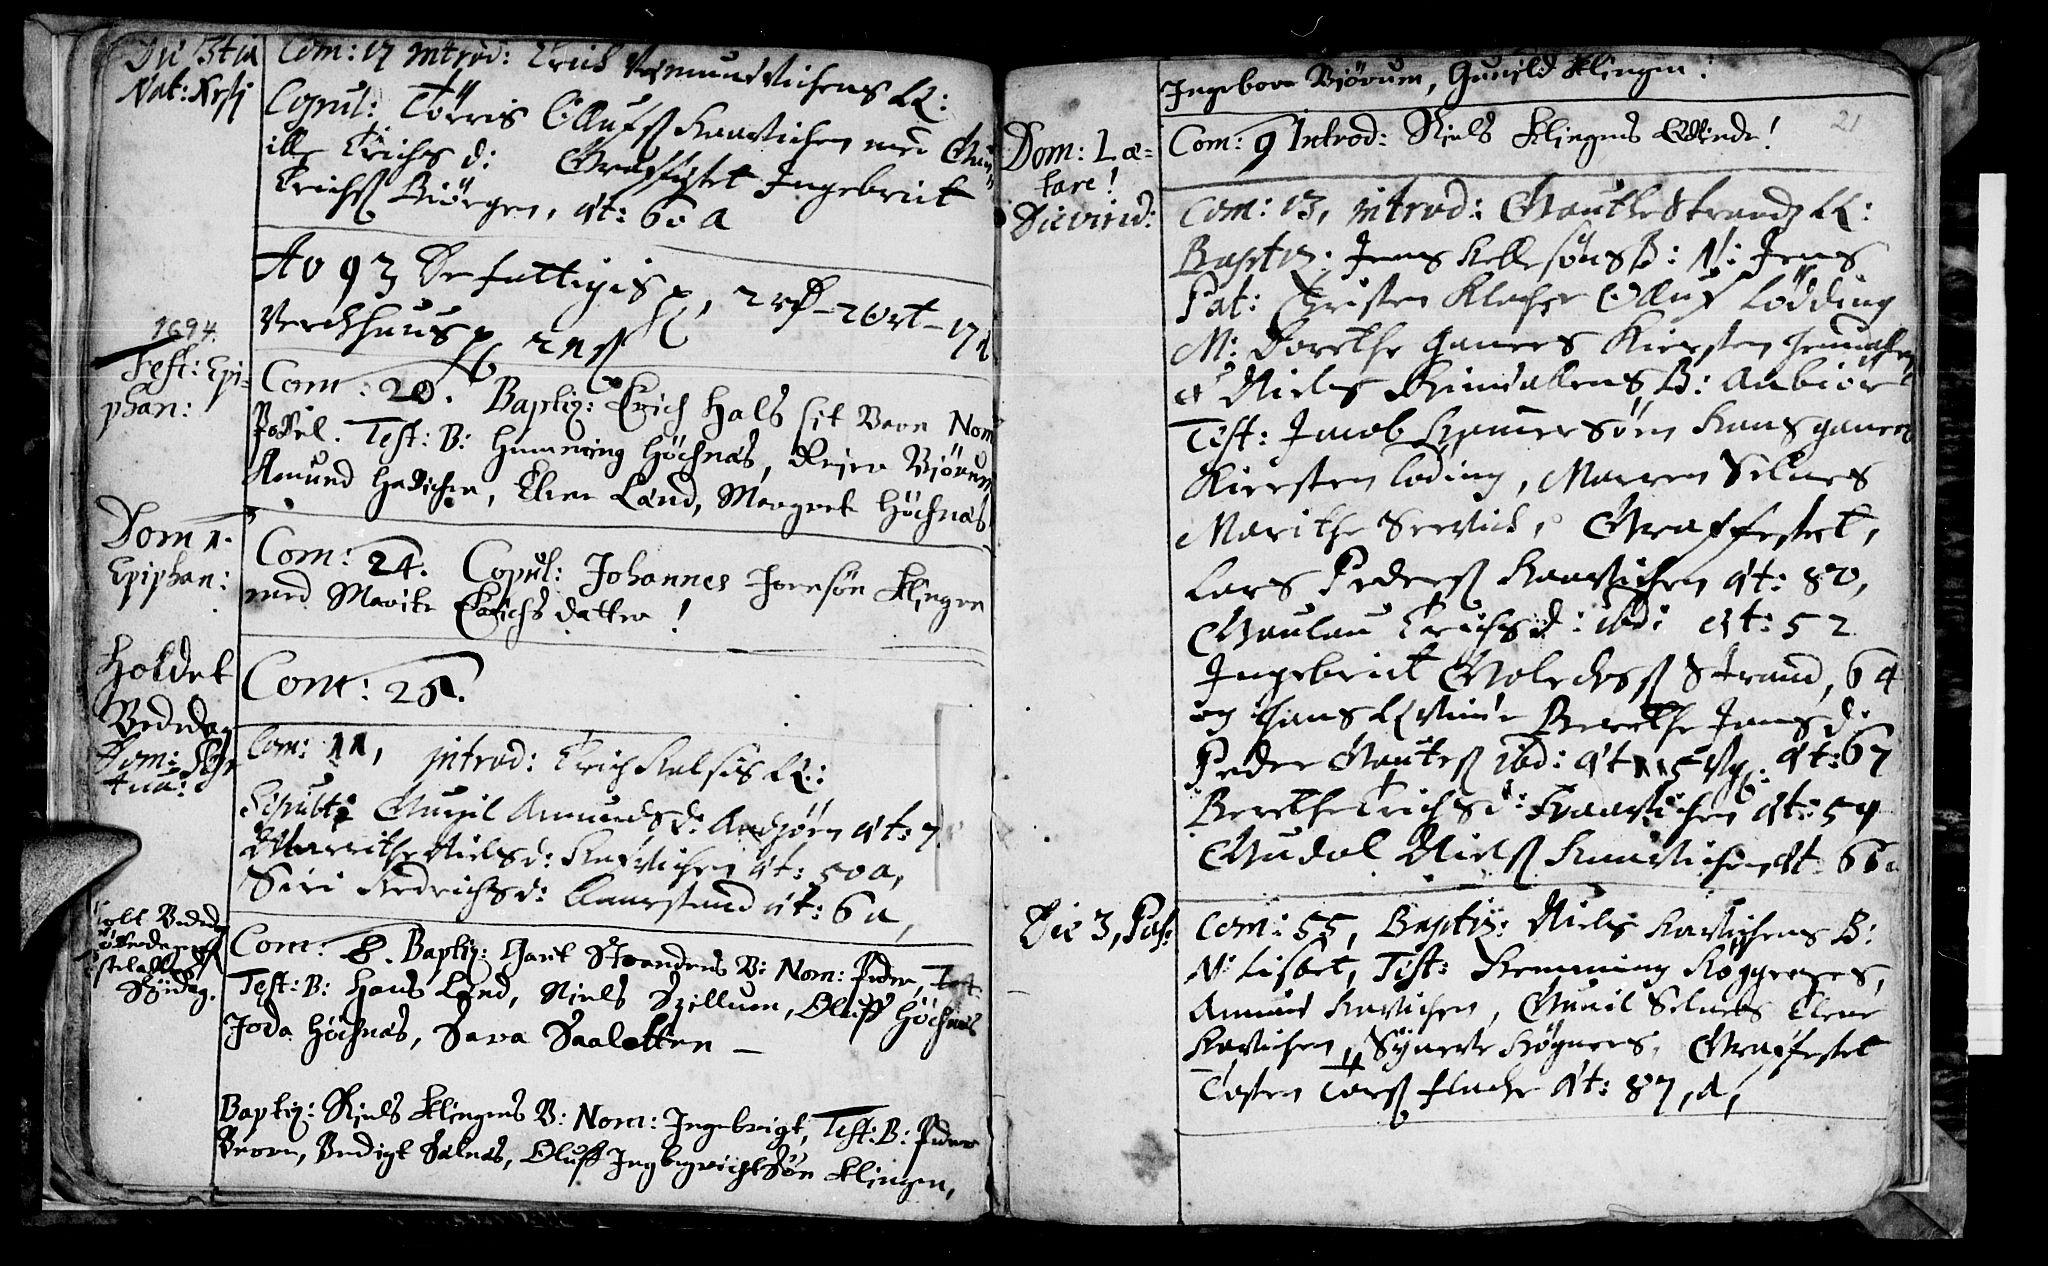 SAT, Ministerialprotokoller, klokkerbøker og fødselsregistre - Nord-Trøndelag, 770/L0587: Ministerialbok nr. 770A01, 1689-1697, s. 20-21